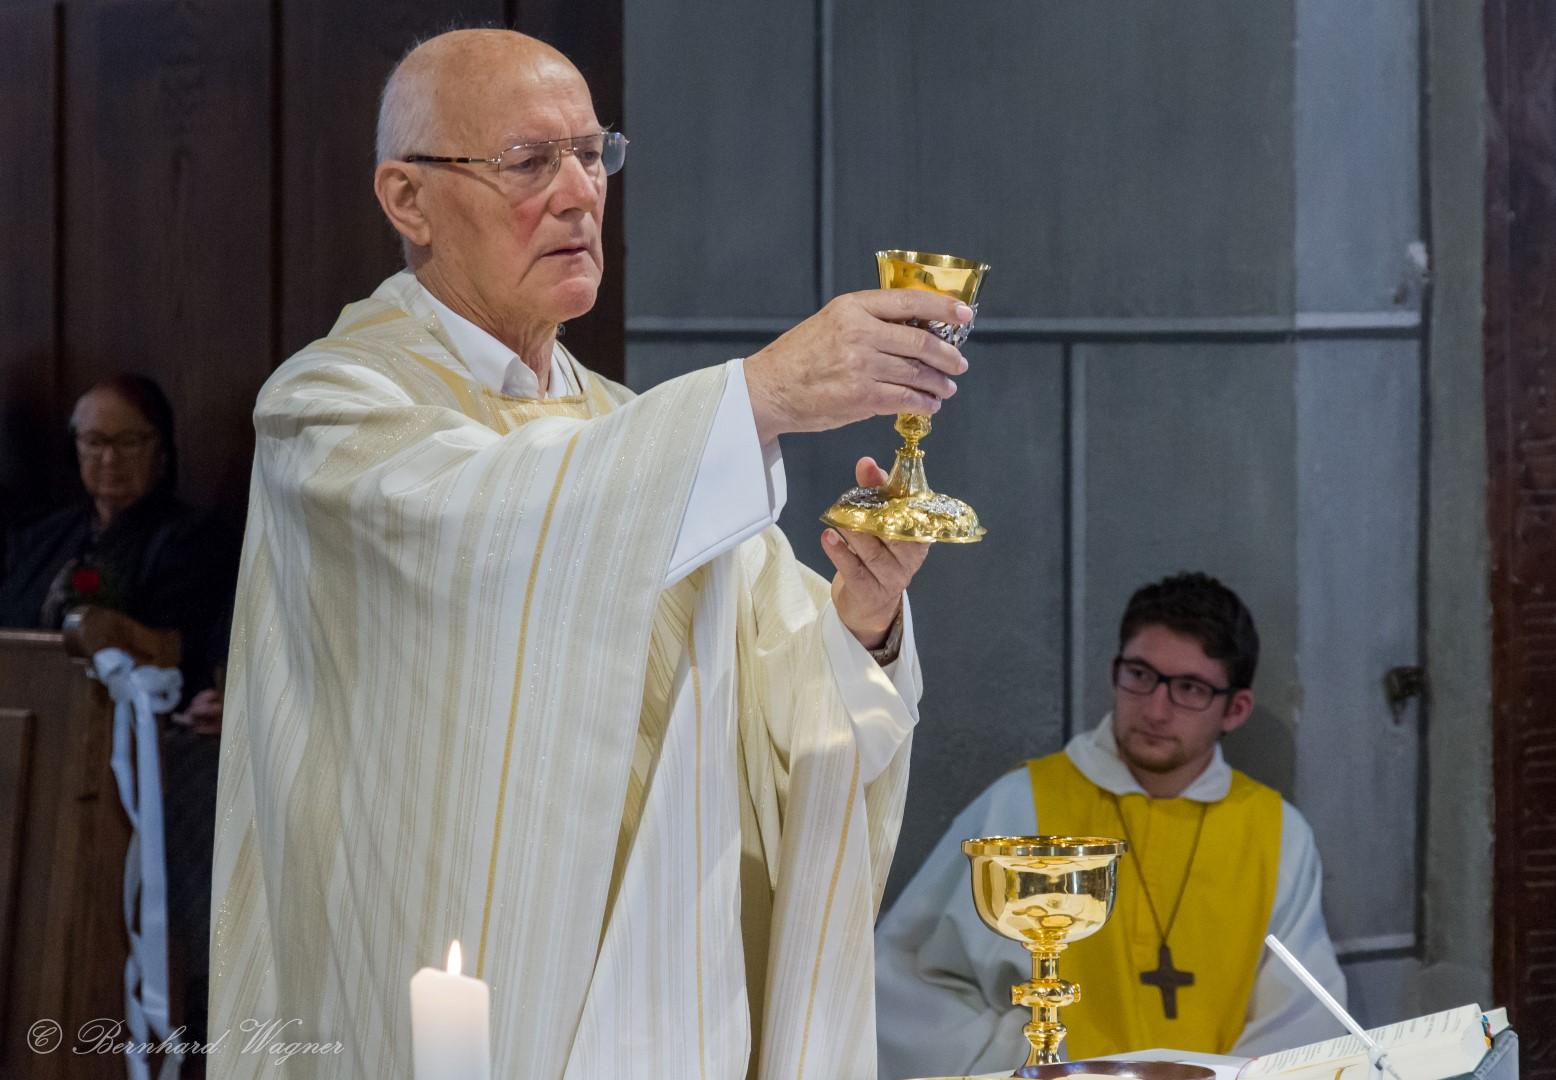 Pfarrer Hofer bei der Erhebung des Kelches zur Gabenbereitung beim Festgottesdienst zum Hochfest Fronleichnam 2017 (© Herr Mag. Bernhard Wagner).